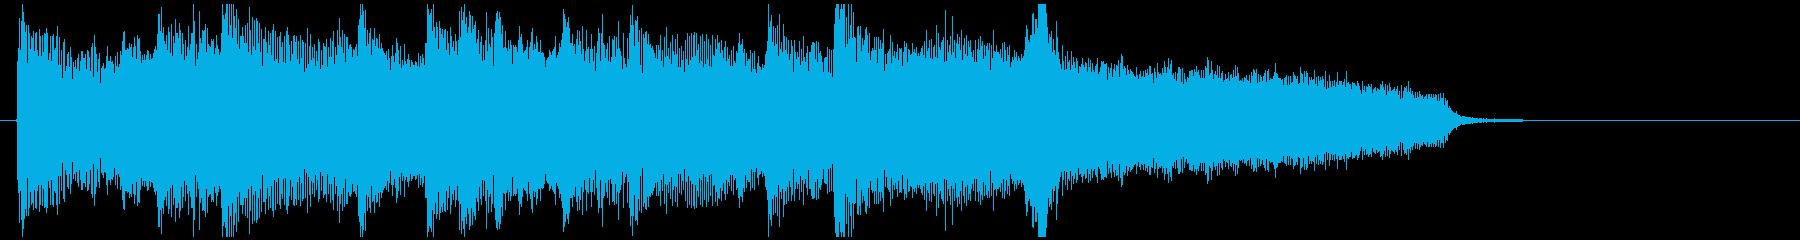 切ないバラード系ジングルの再生済みの波形